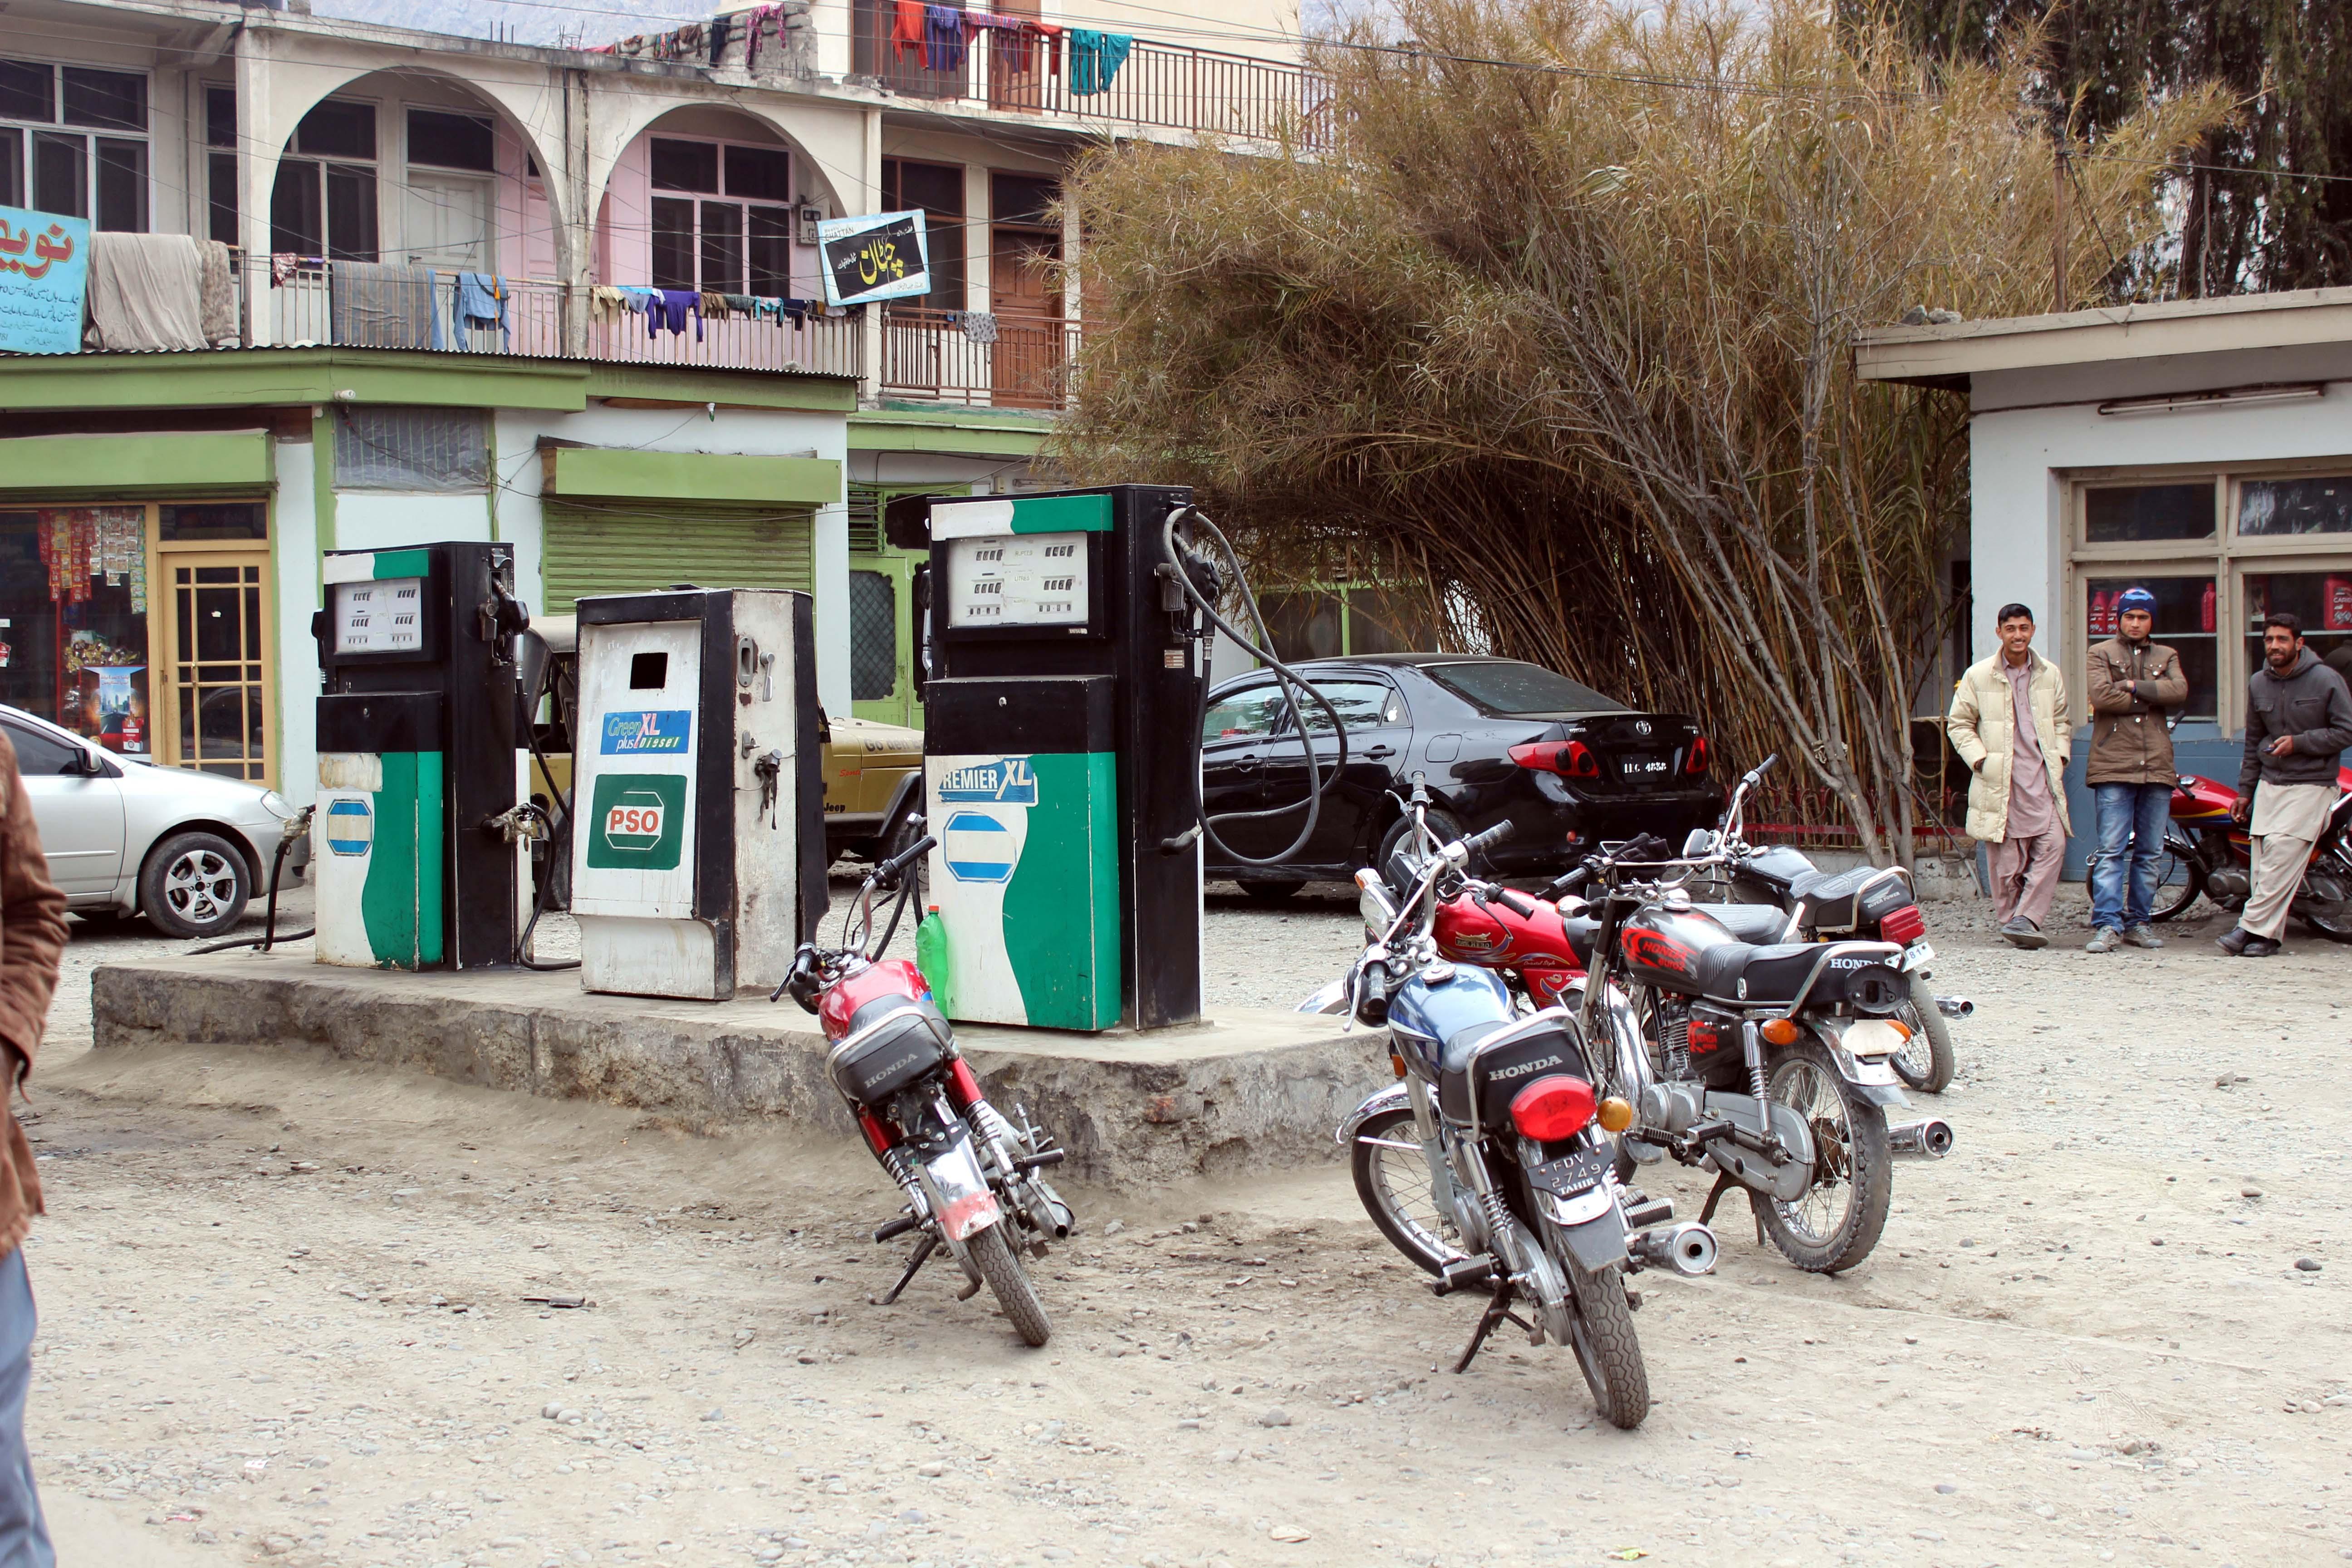 قیمتیں گرتے ہی گلگت شہر میں پیٹرول کی مصنوعی قلت پیدا کر دی گئی